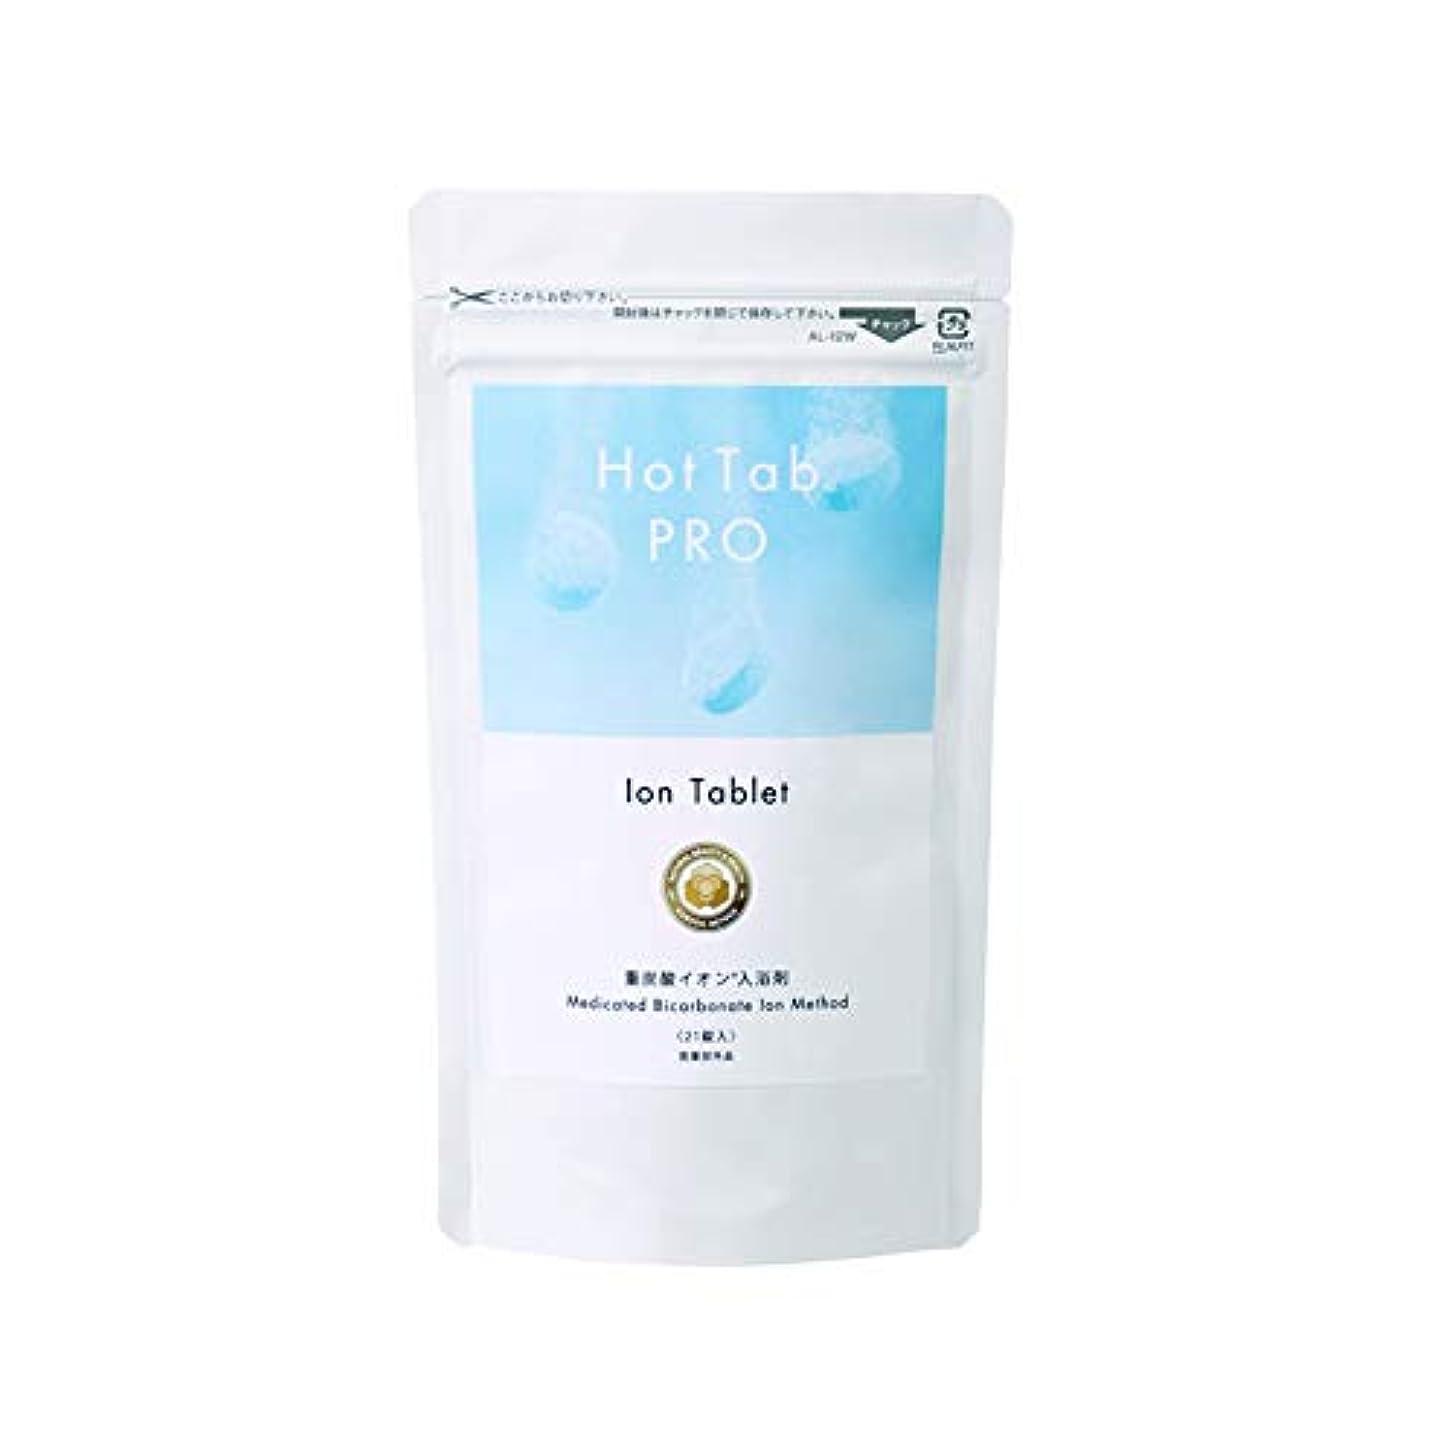 ポンド屋内ですることになっている最新型 日本製なめらか重炭酸入浴剤「ホットタブPro」(デリケートな肌でも安心 無香料 無着色 中性pH) (21錠セット)